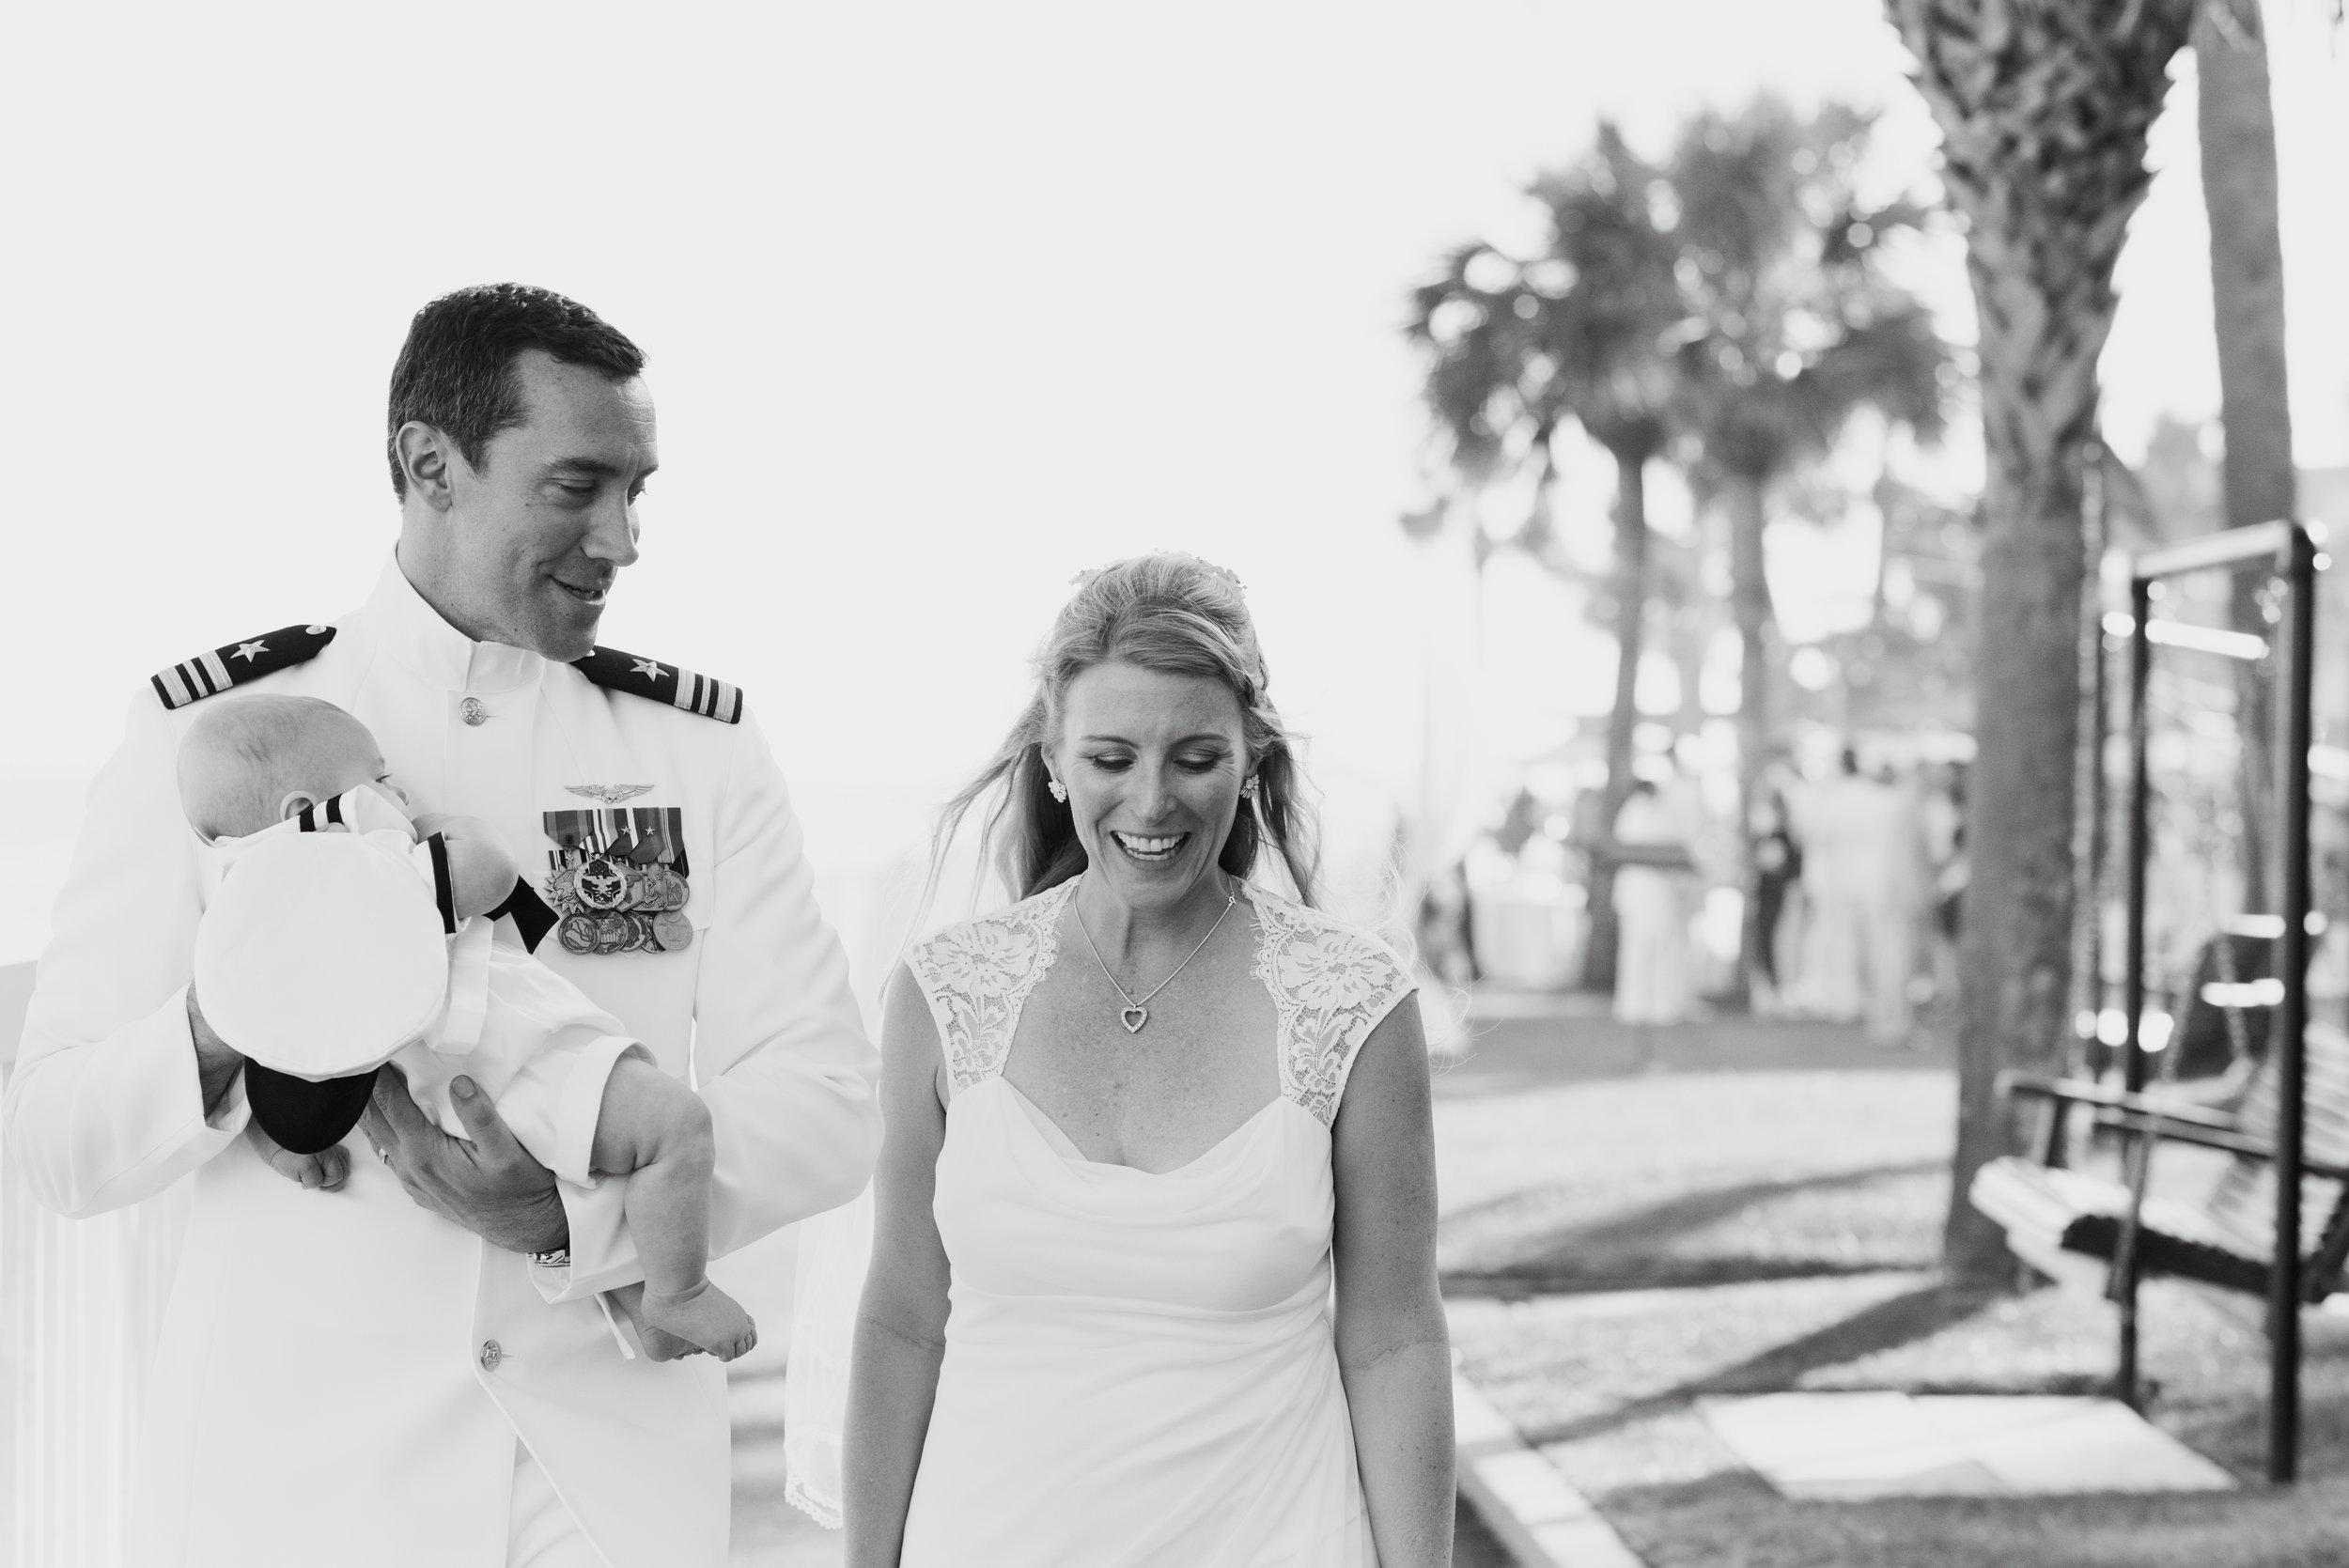 st-simons-island-elopement-photographer-savannah-elopement-photography-savannah-georgia-elopement-photographer-savannah-wedding-photographer-meg-hill-photo-jade-hill- (42 of 72).jpg